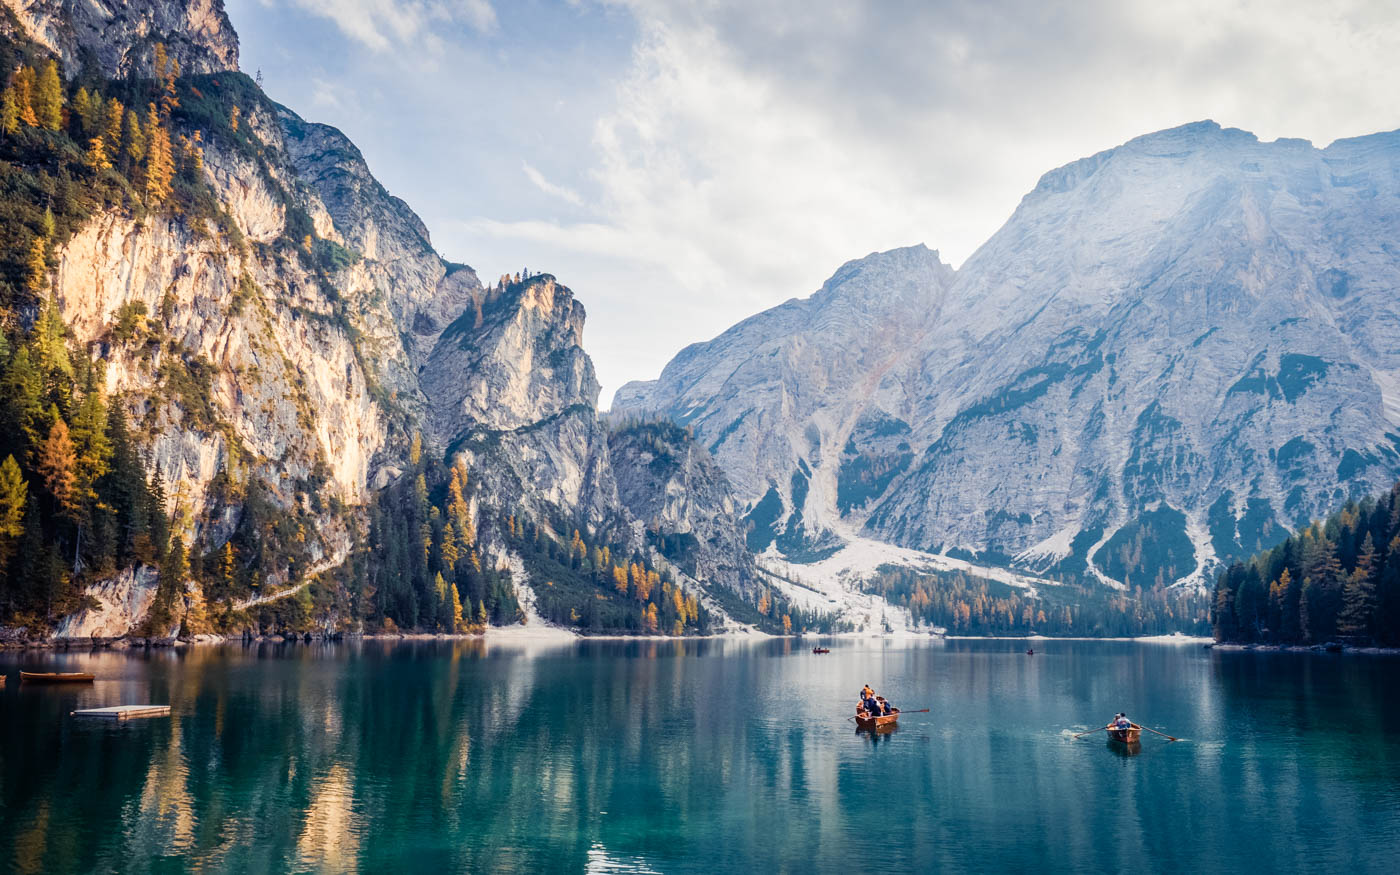 Bergsee mit Ruderbooten